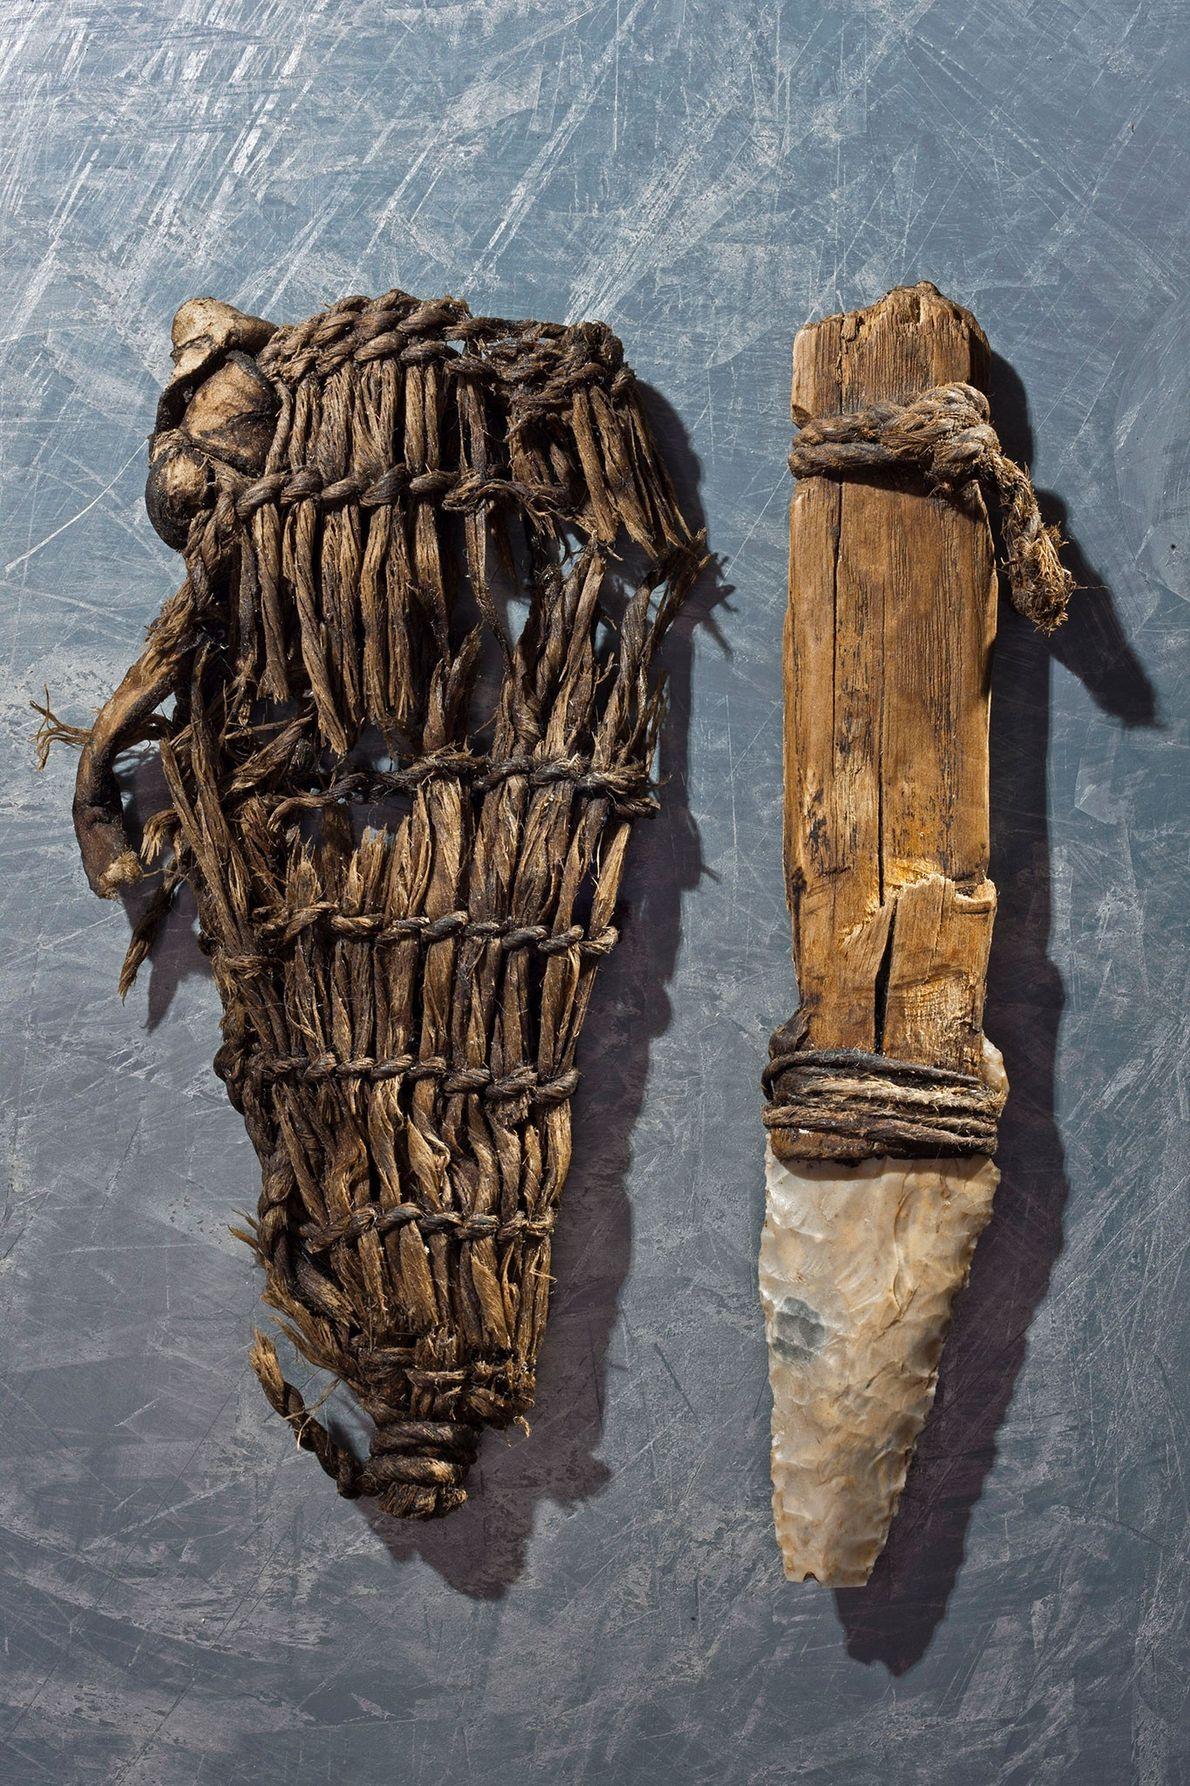 La daga del hombre de hielo presentaba una hoja de sílex y una vaina de hierba.